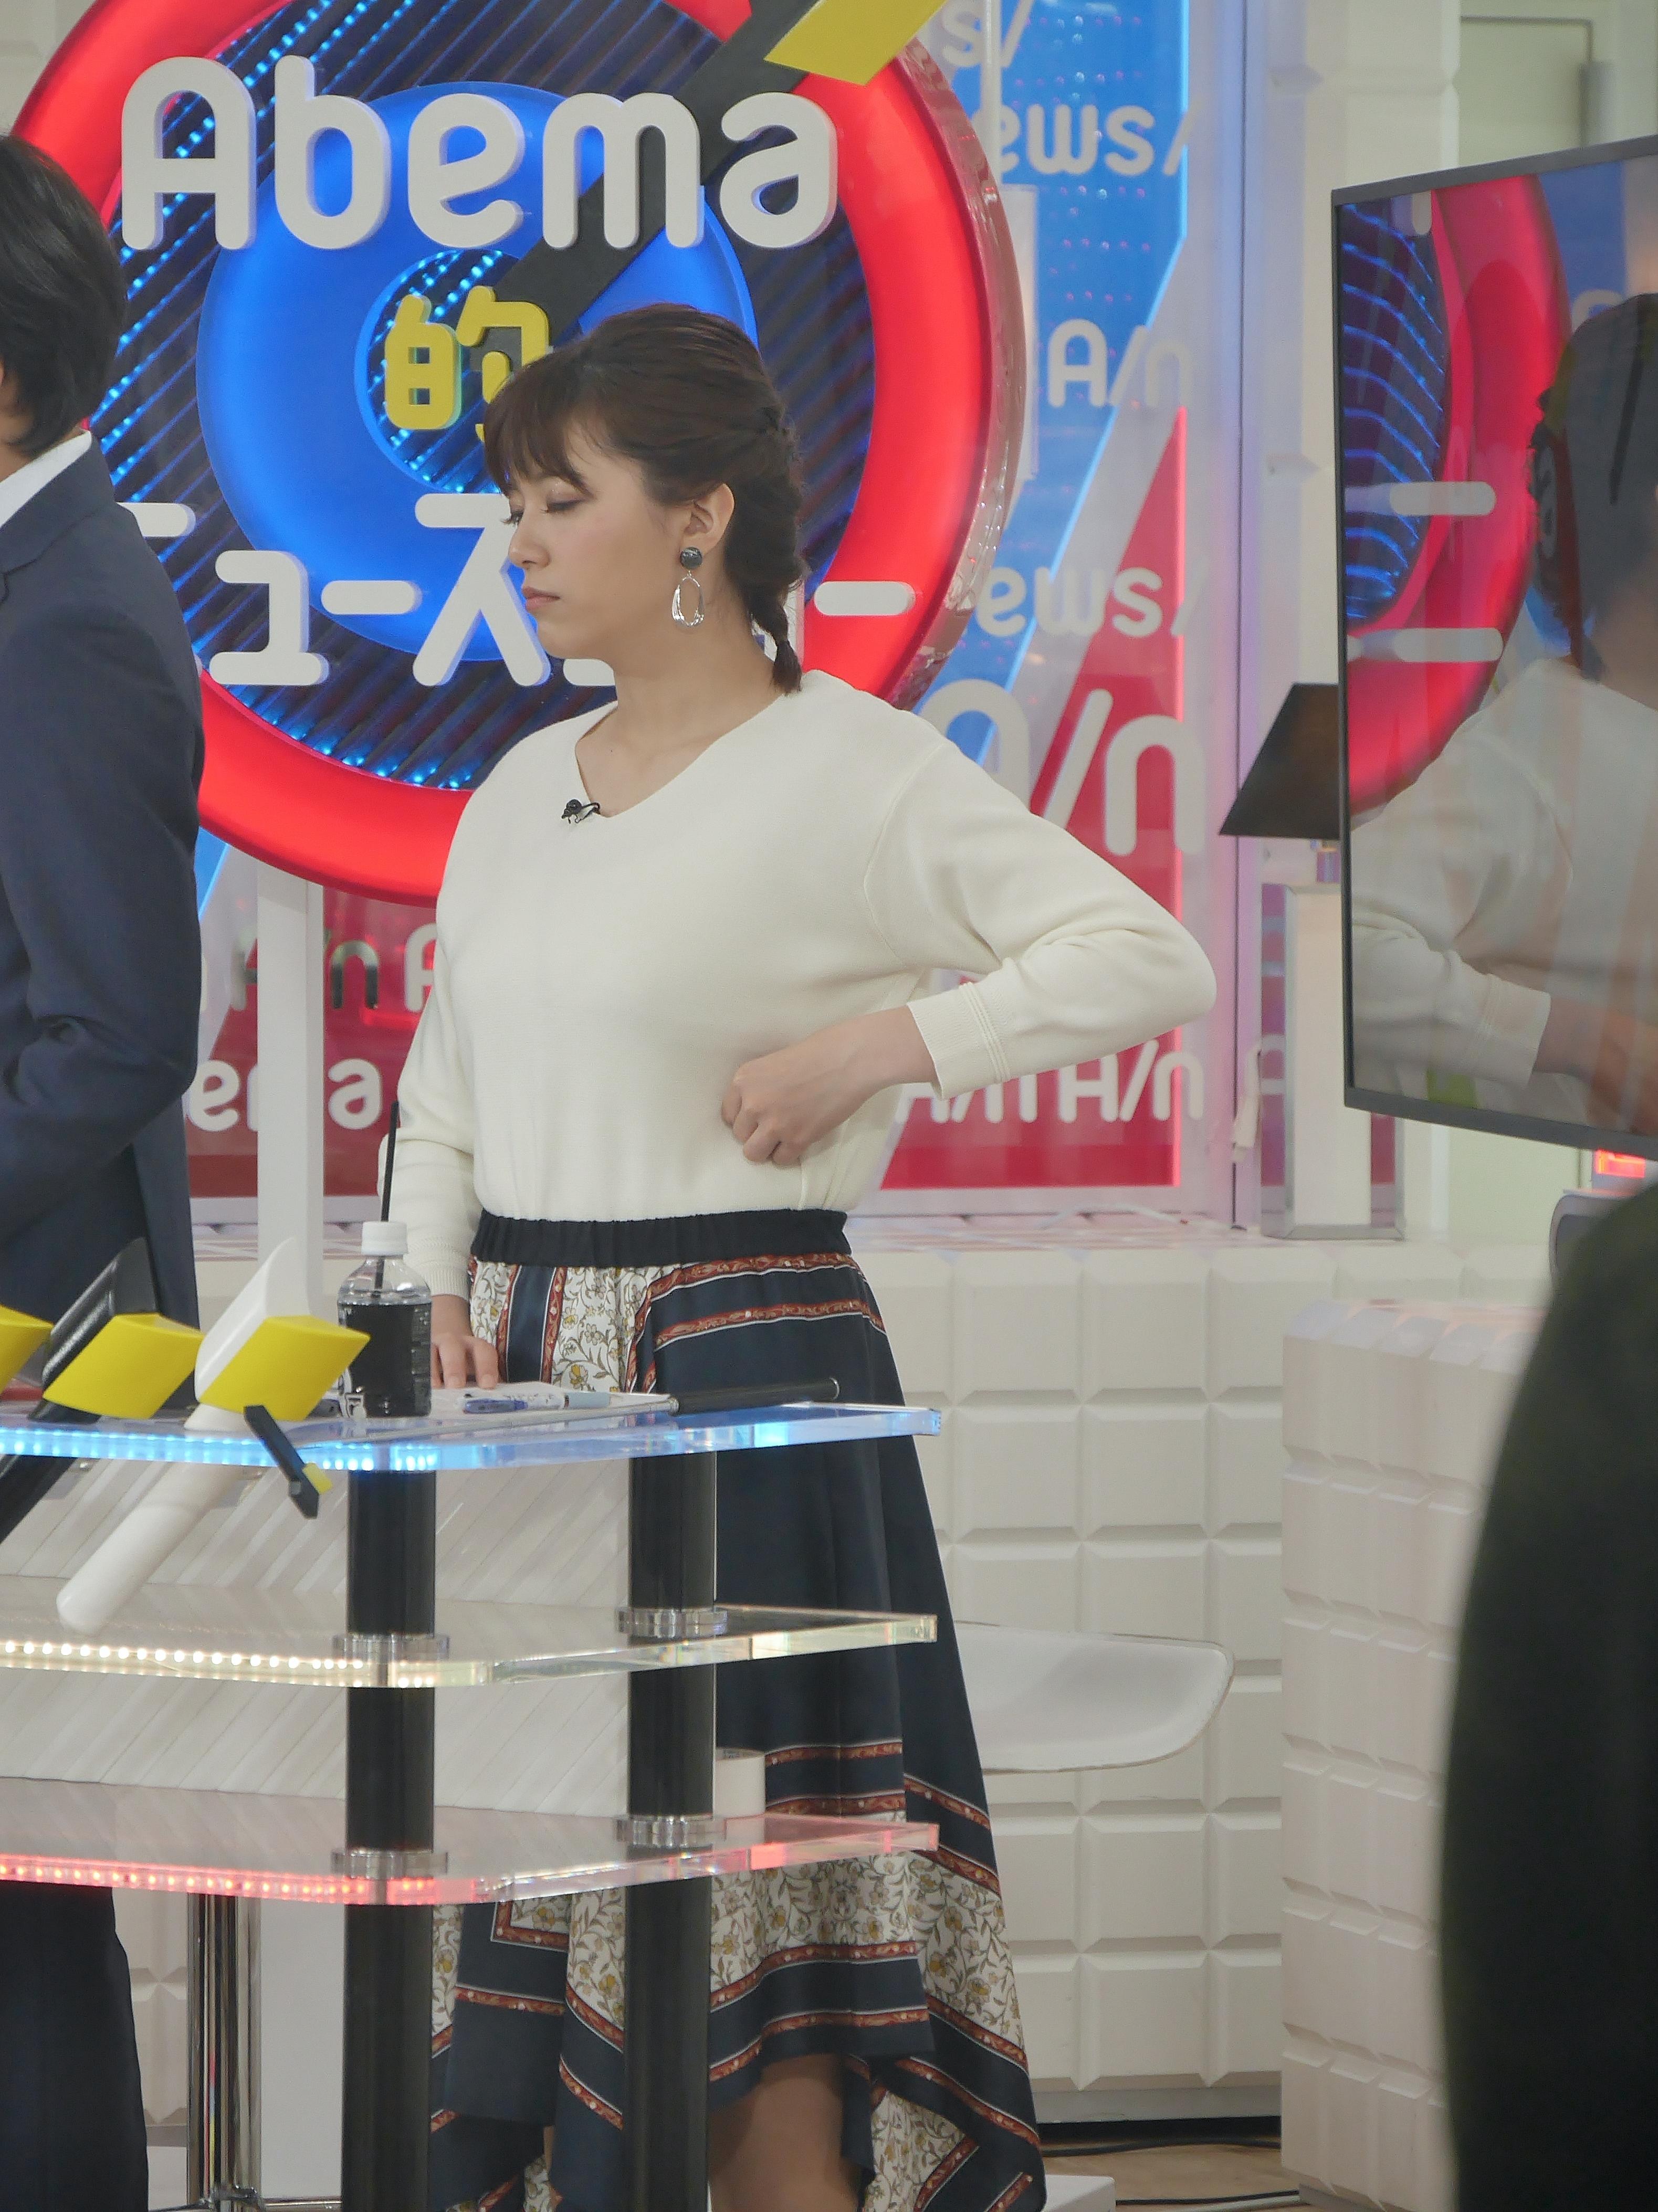 2019年2月24日AbemaTV「Abema的ニュースショー」出演・三谷紬さんのテレビキャプチャー画像-044